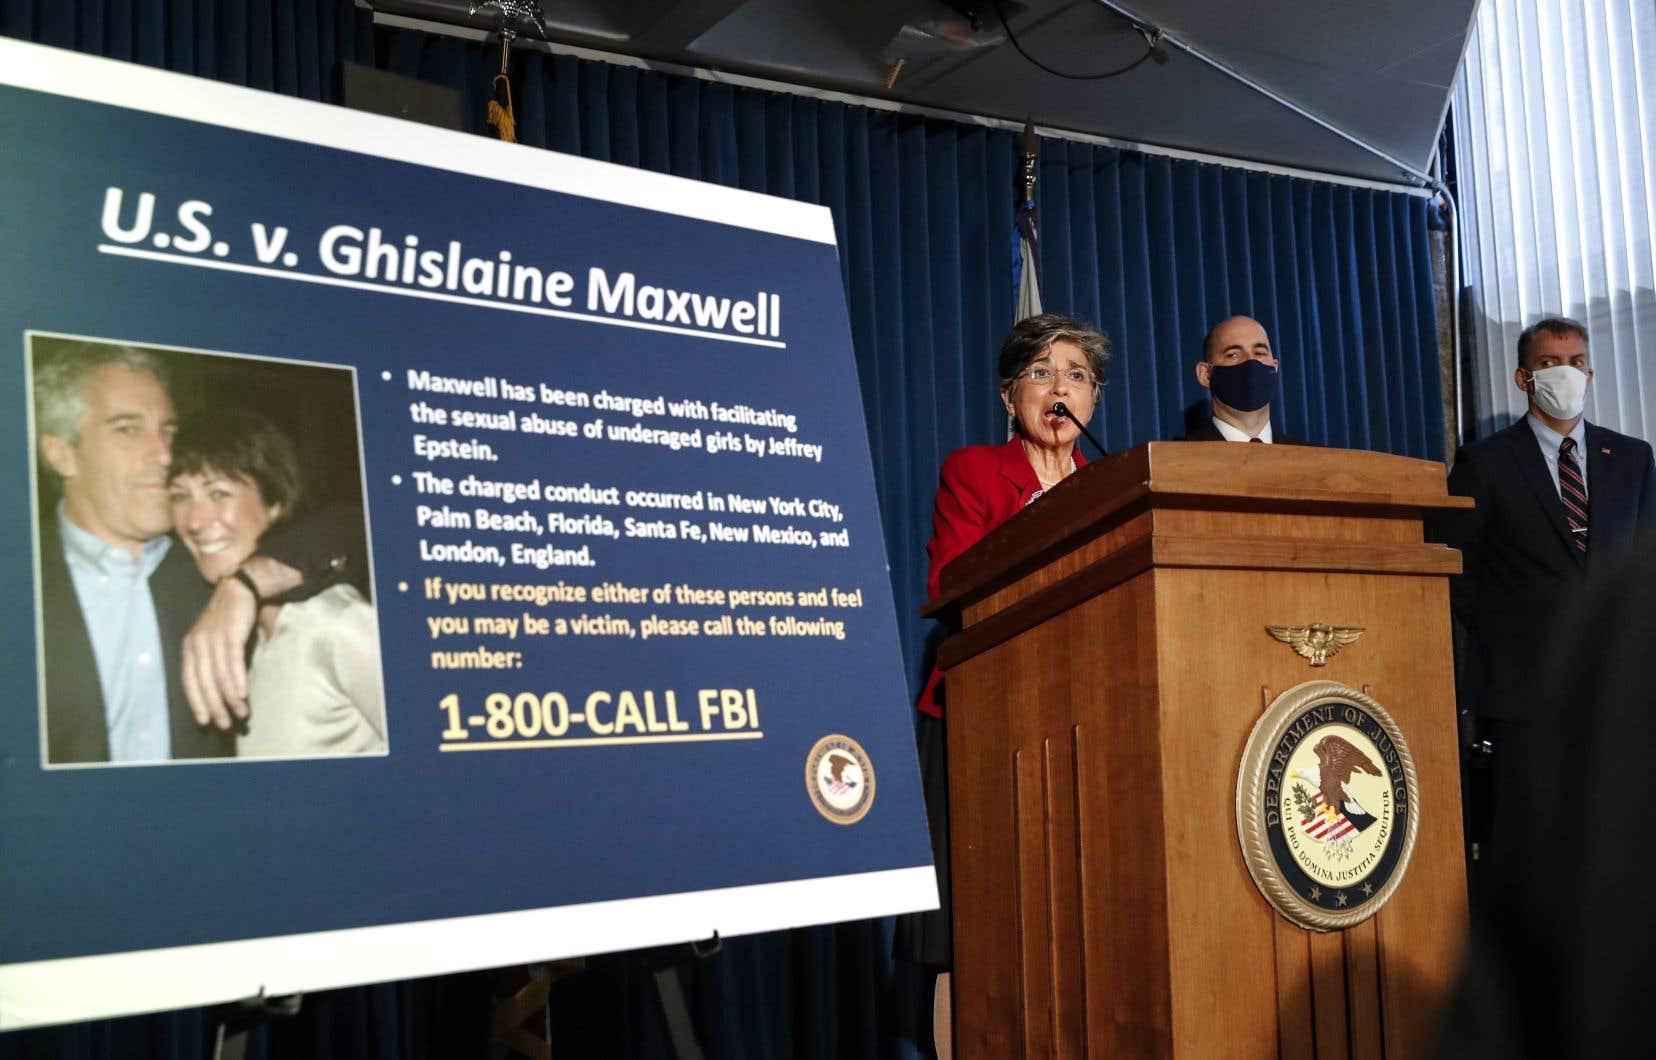 Conférence de presse du FBI concernant l'arrestation de Ghislaine Maxwell, qui avait disparu depuis l'arrestation de Jeffrey Epstein en juillet 2019.